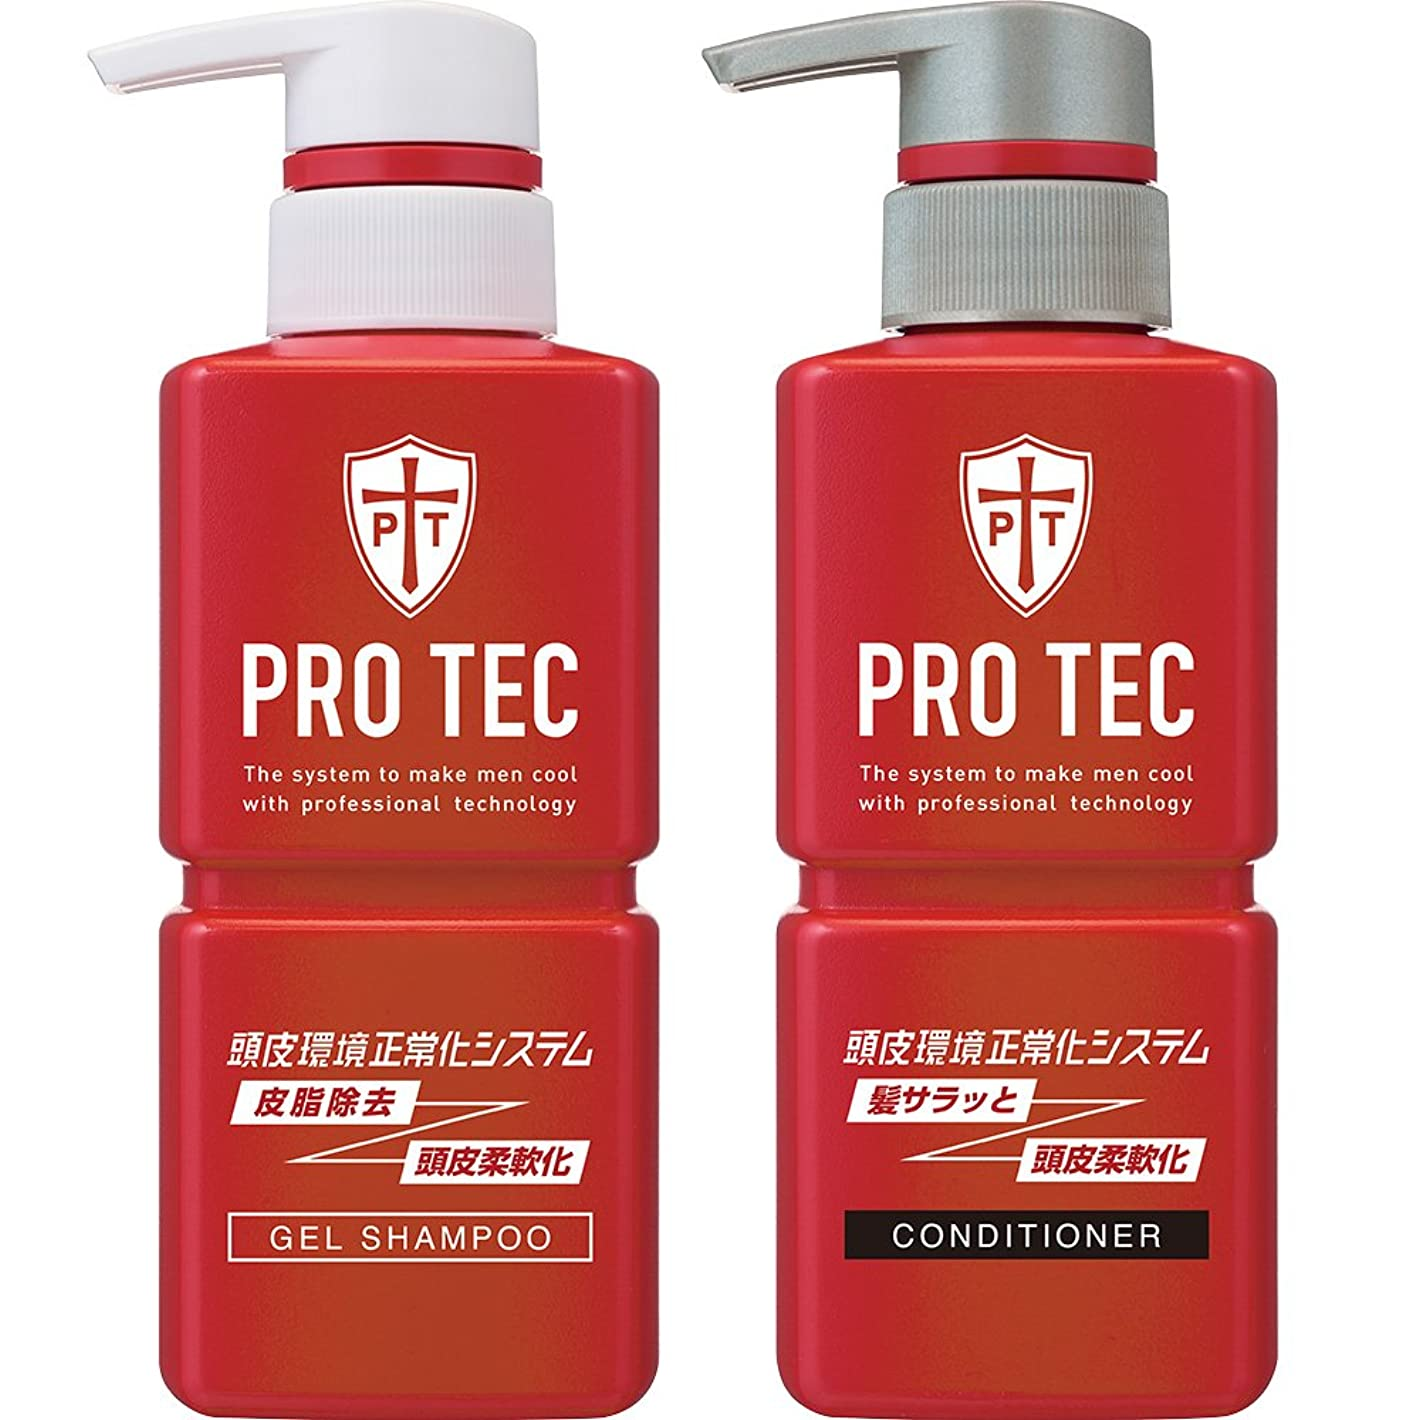 十分に並外れてケントPRO TEC(プロテク) 頭皮ストレッチ シャンプー ポンプ 300g(医薬部外品)+ コンディショナー ポンプ 300g